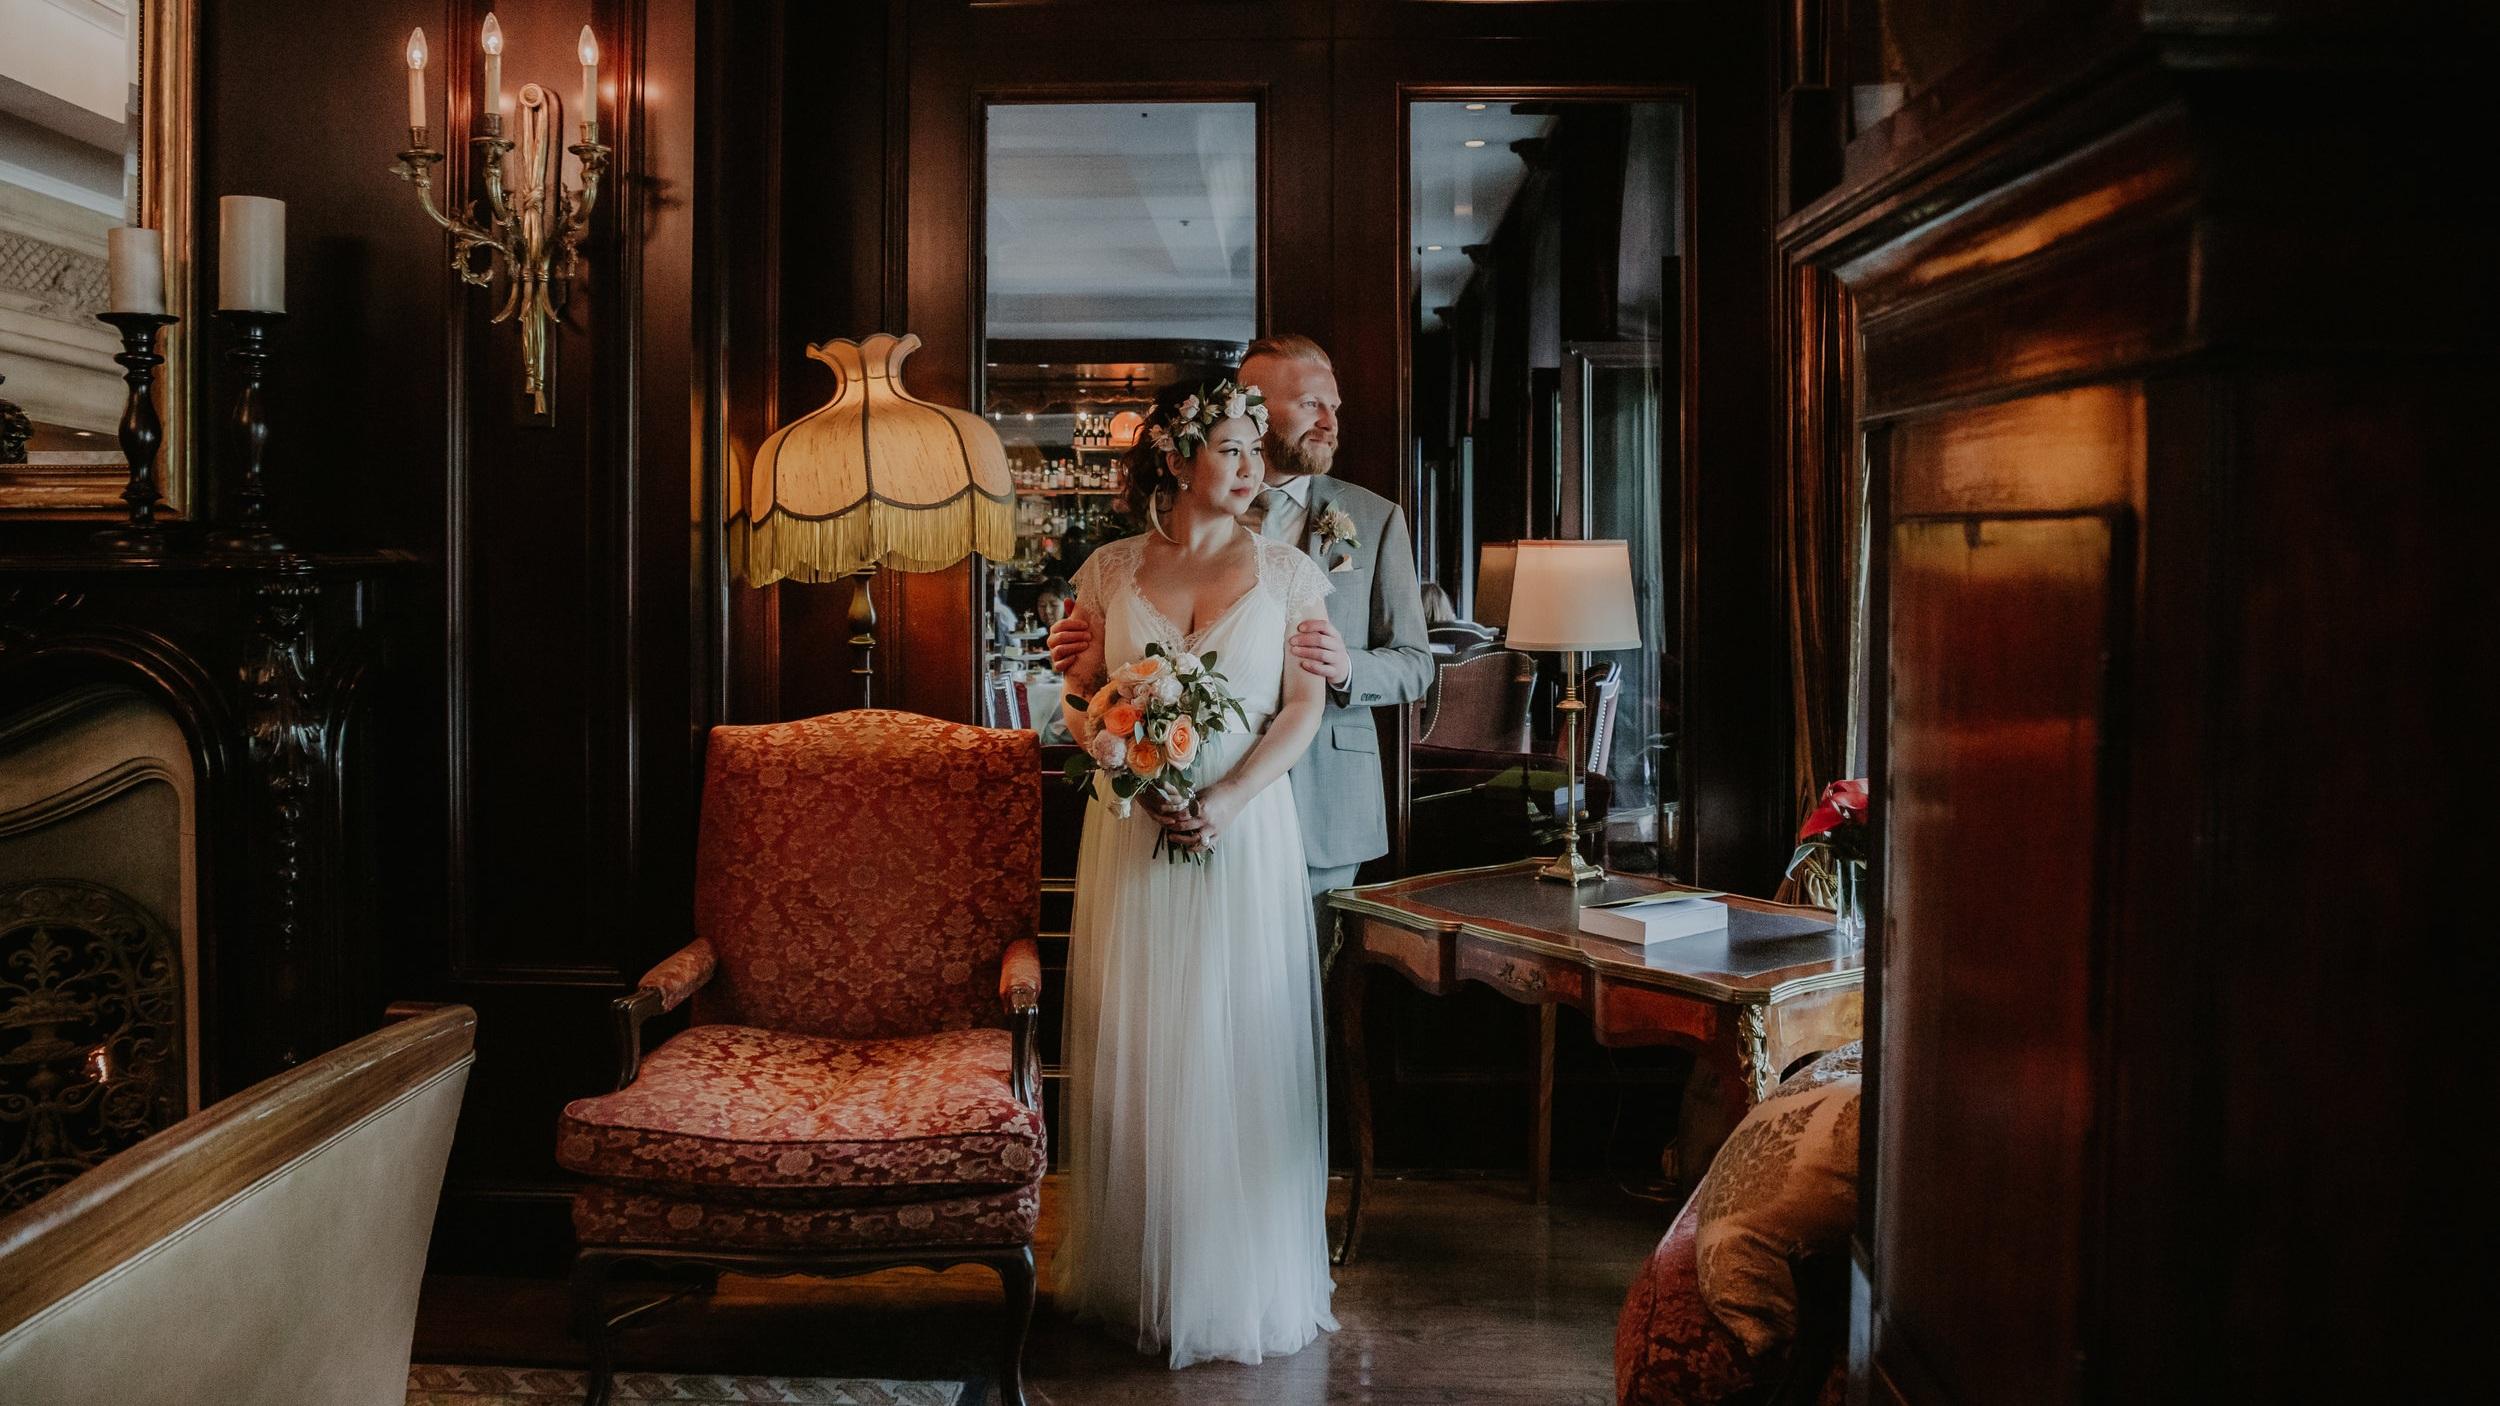 wedgewood-hotel-vancouver-wedding-photographer.jpg